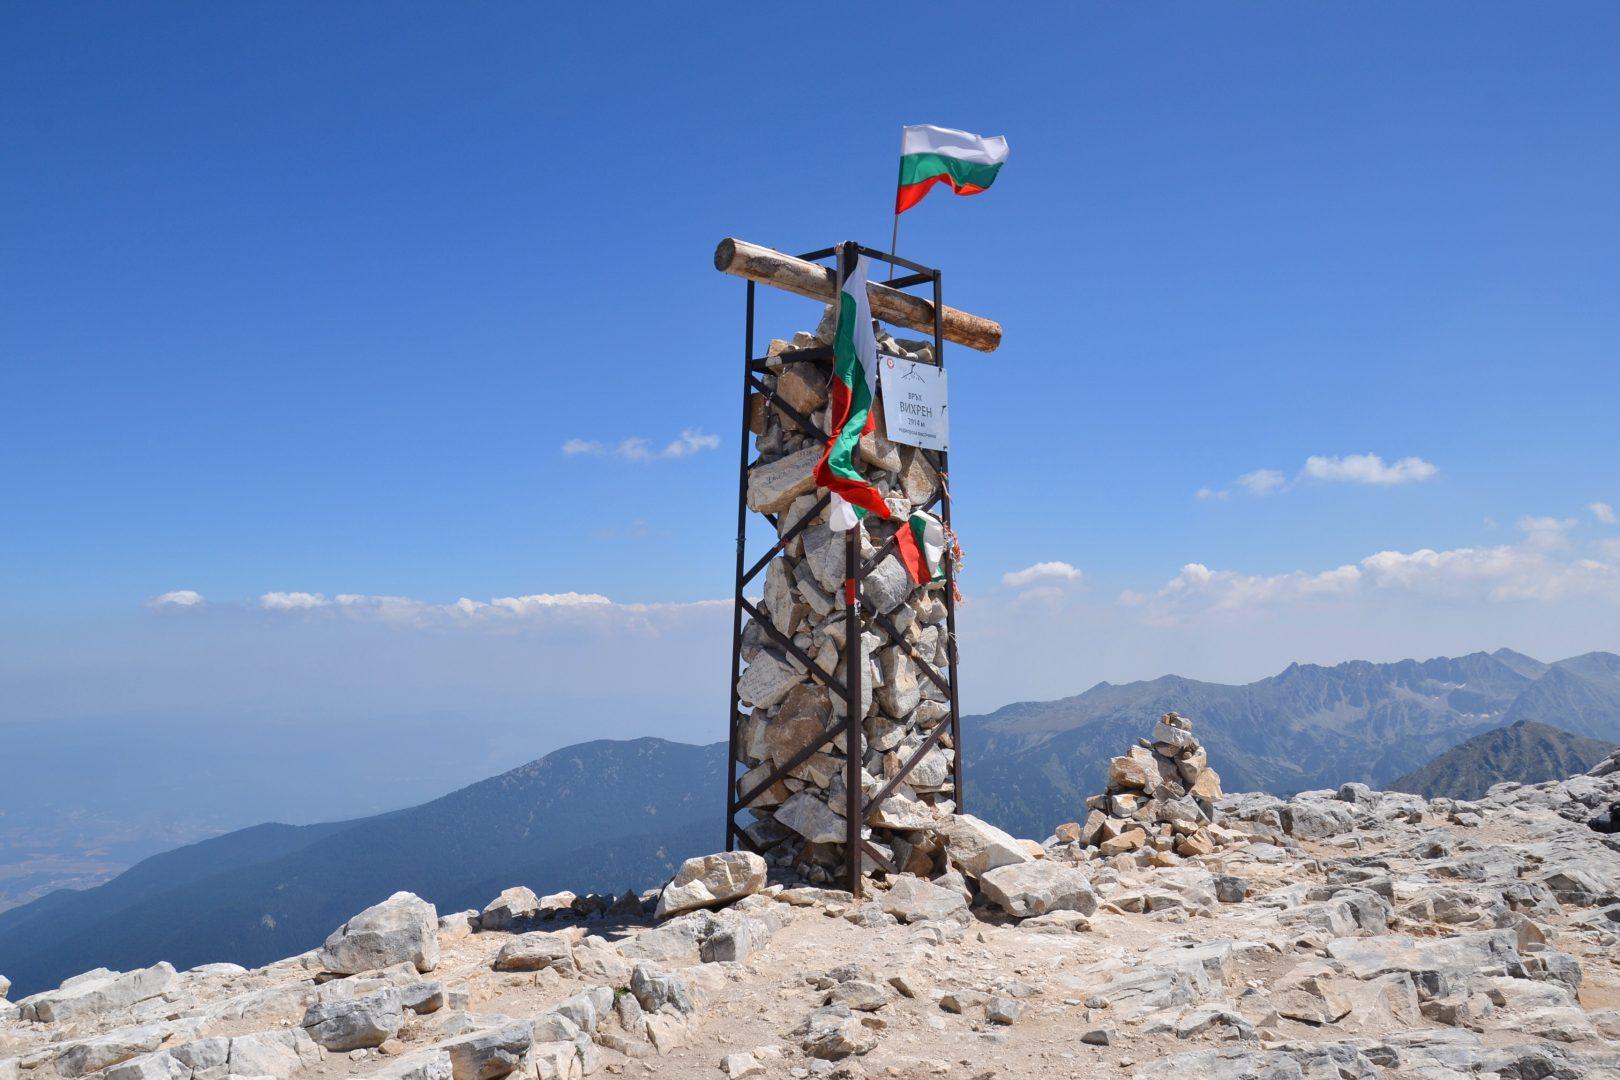 Vihren, the highest peak of Pirin Mountains